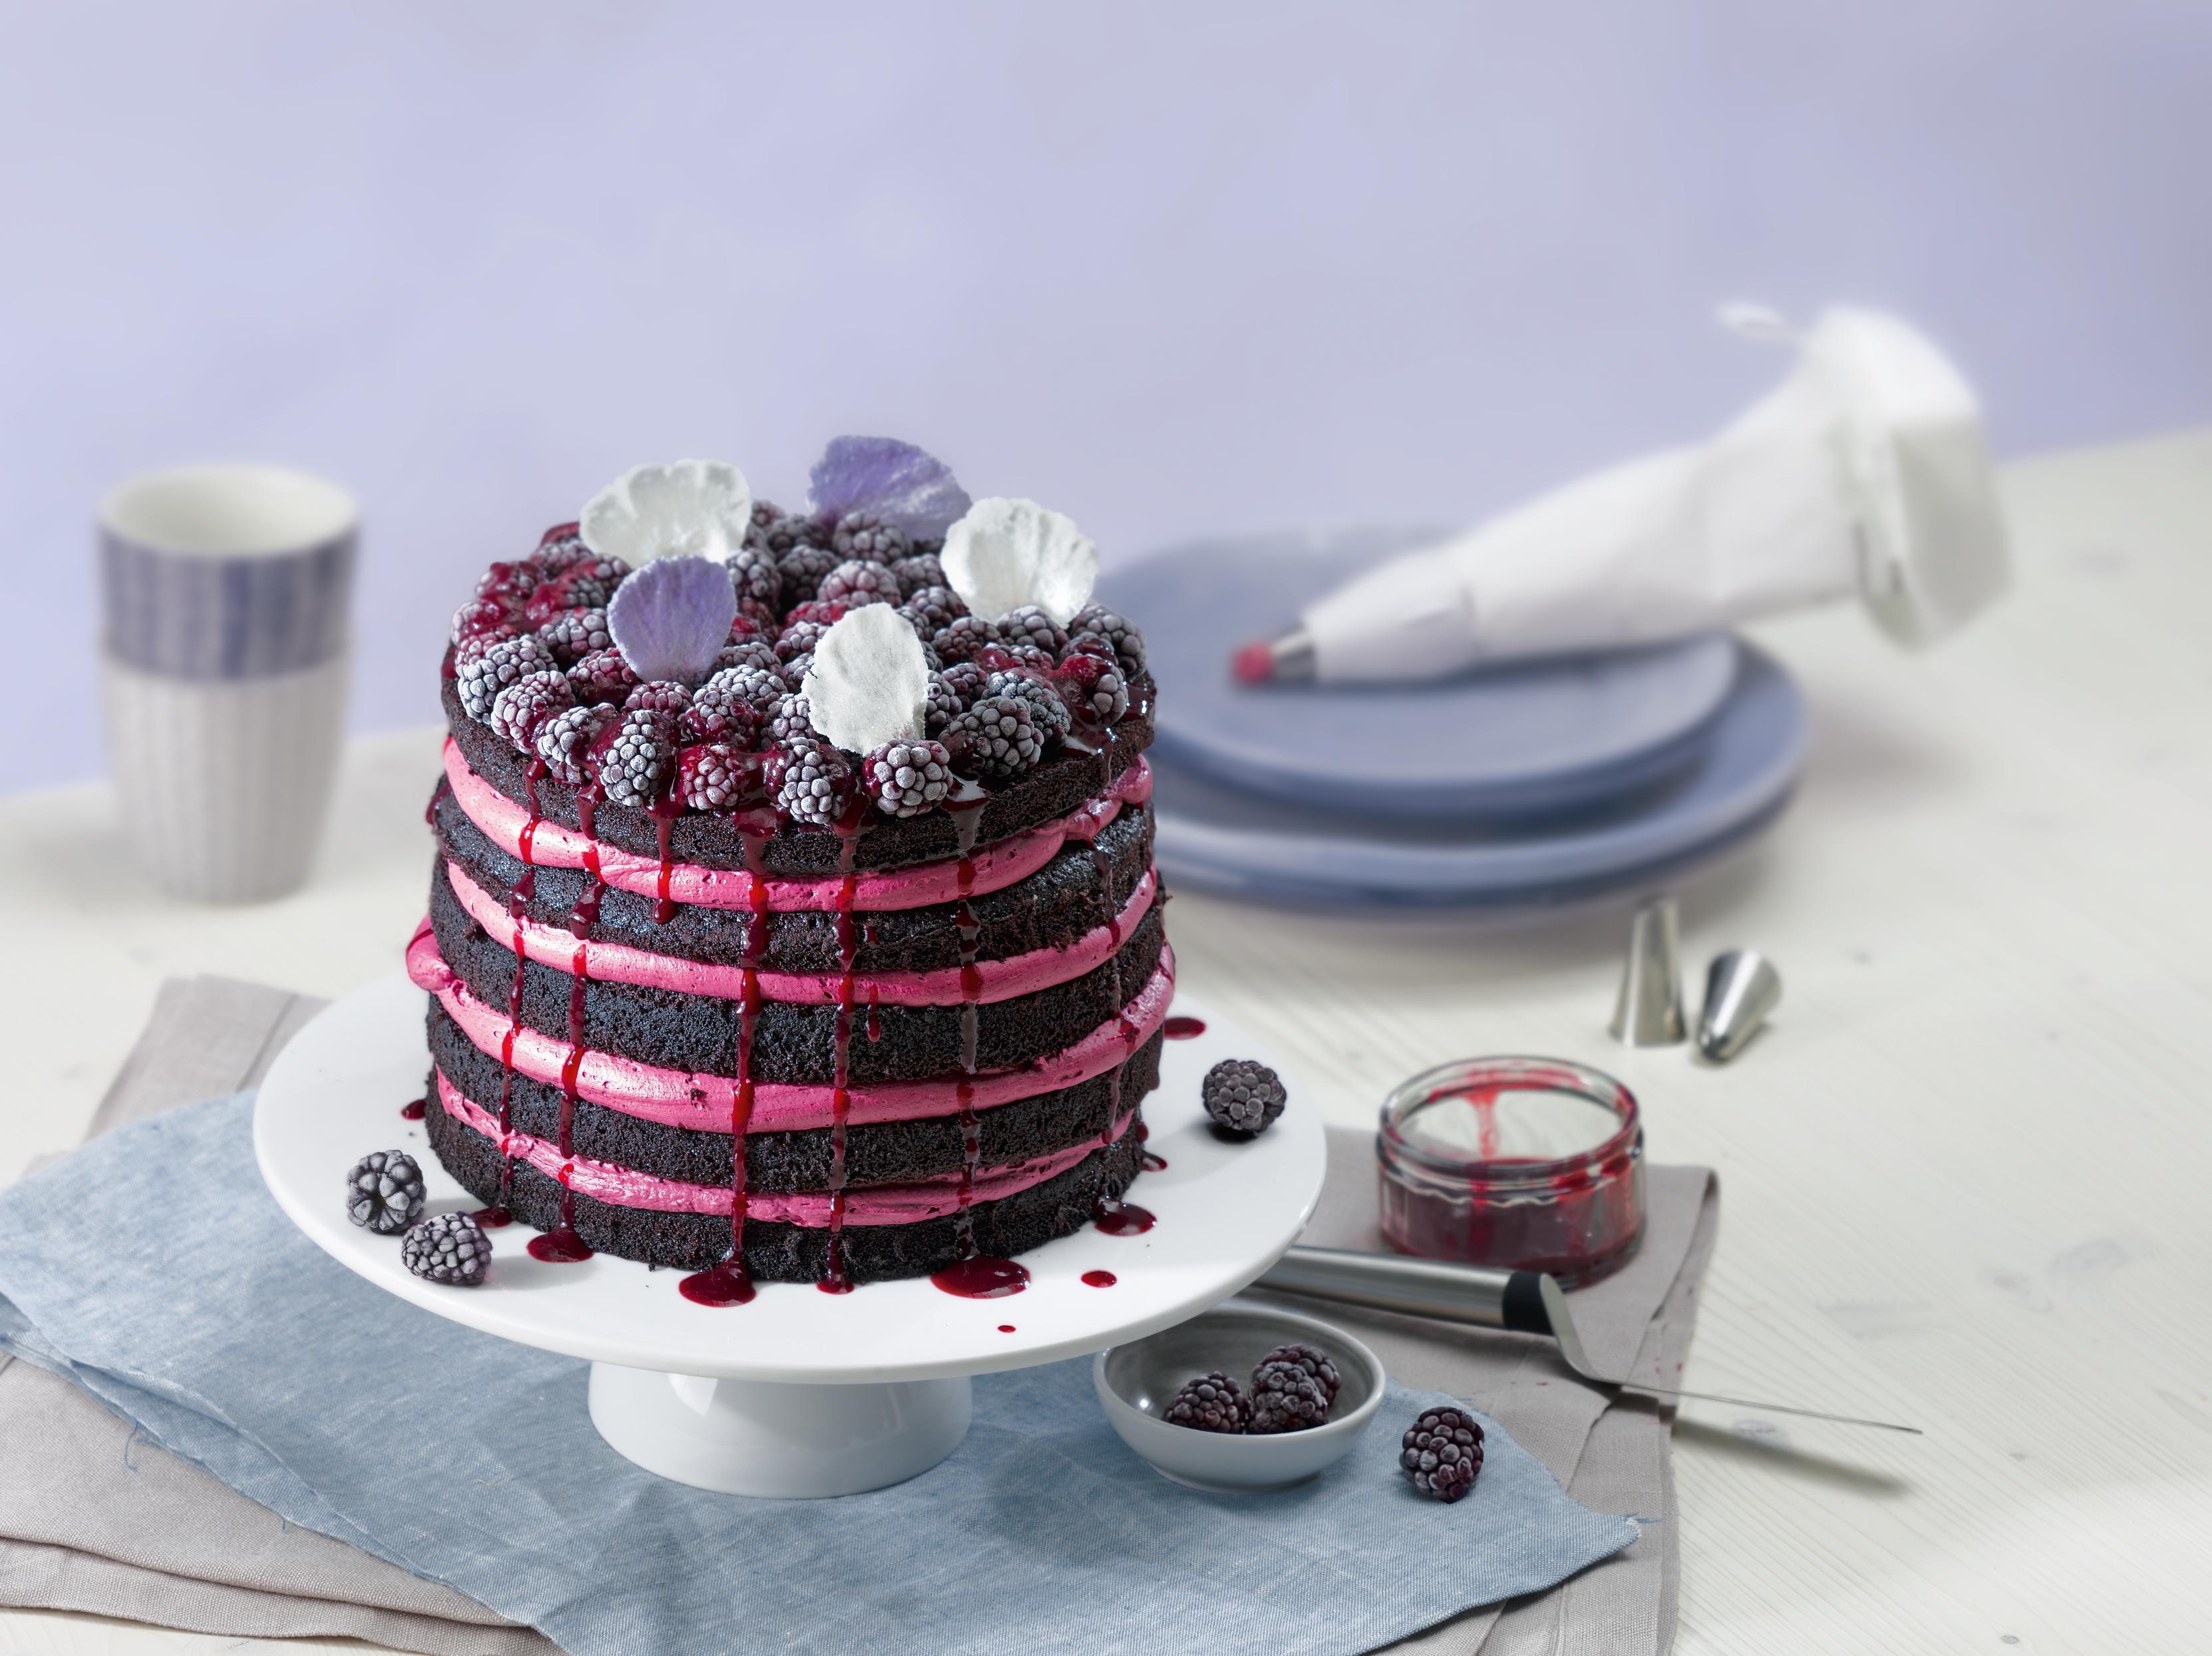 La Forme Plus Profesyonel Süsleme Seti 7 Parça: Pastanızı ve keklerinizi mükemmel süslerle donatın